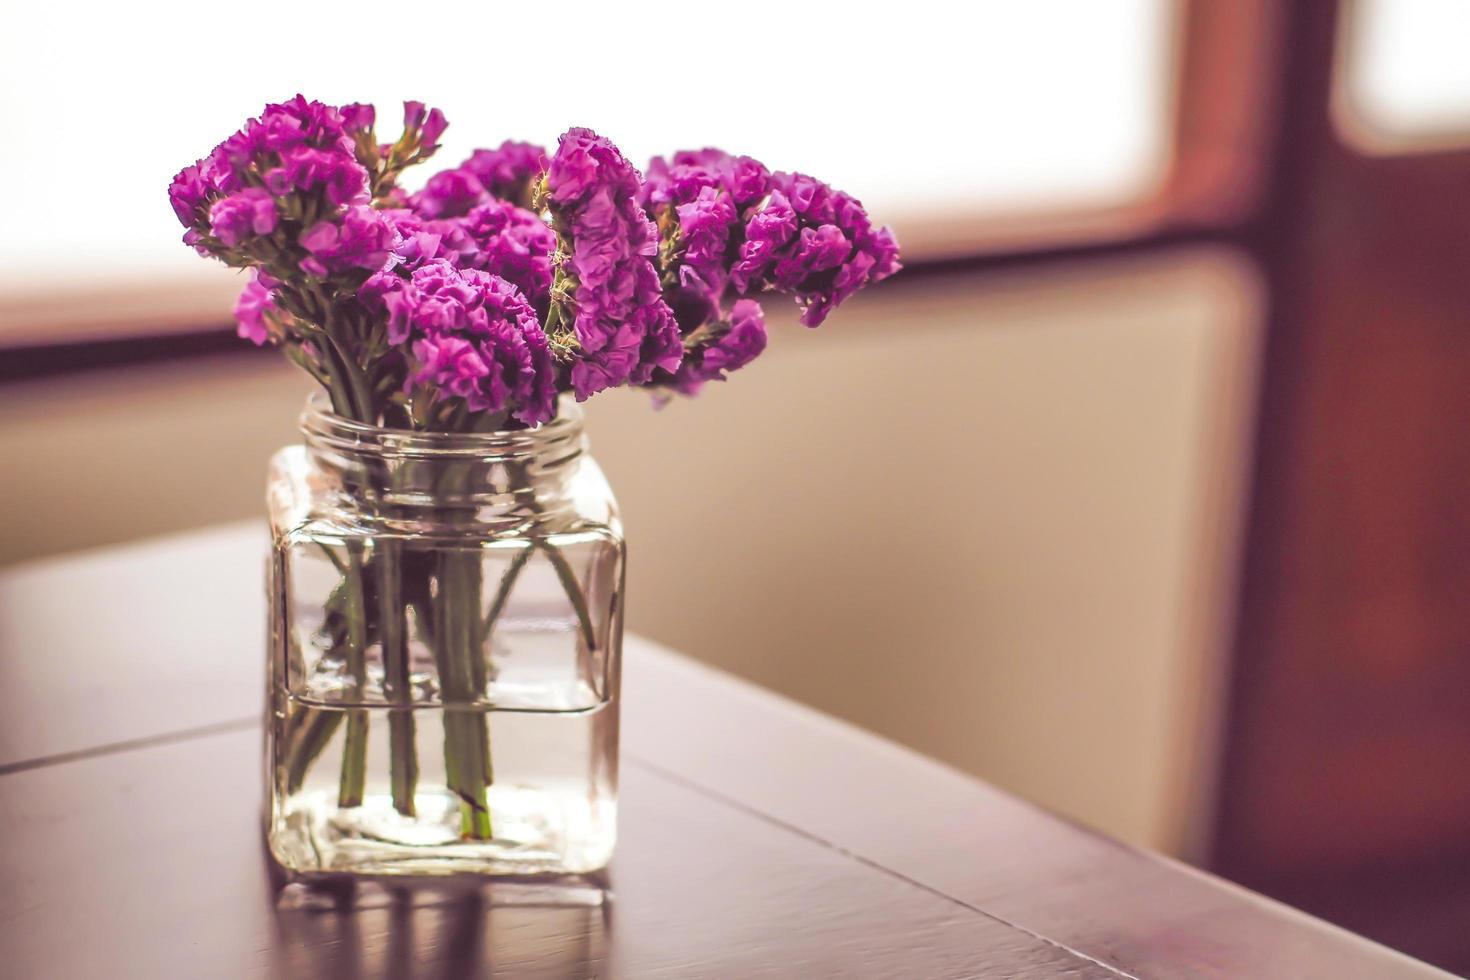 fleurs violettes dans un bocal en verre photo